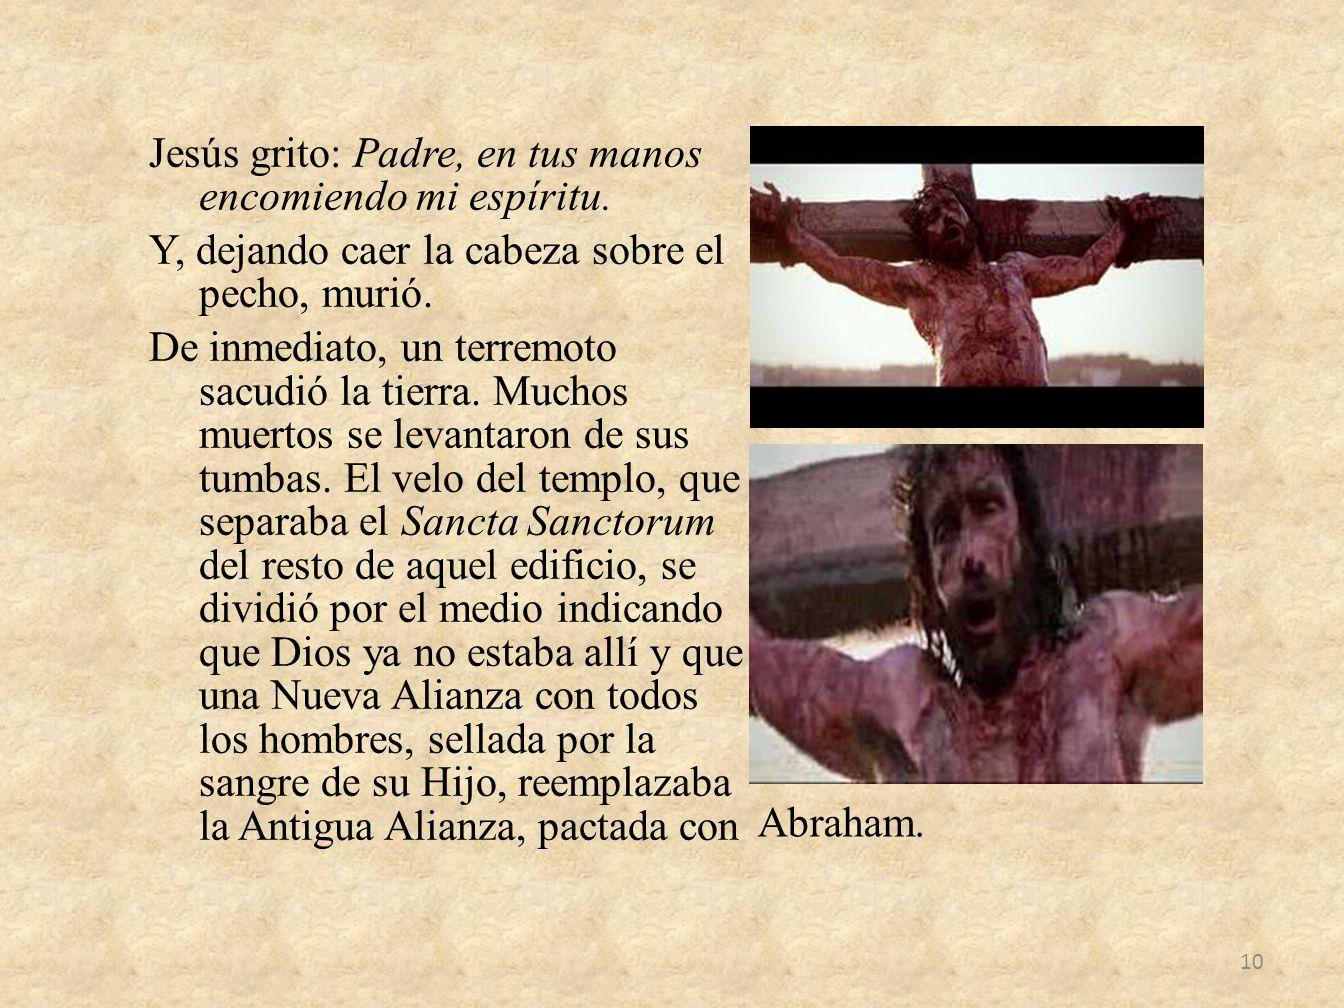 Jesús grito: Padre, en tus manos encomiendo mi espíritu. Y, dejando caer la cabeza sobre el pecho, murió. De inmediato, un terremoto sacudió la tierra